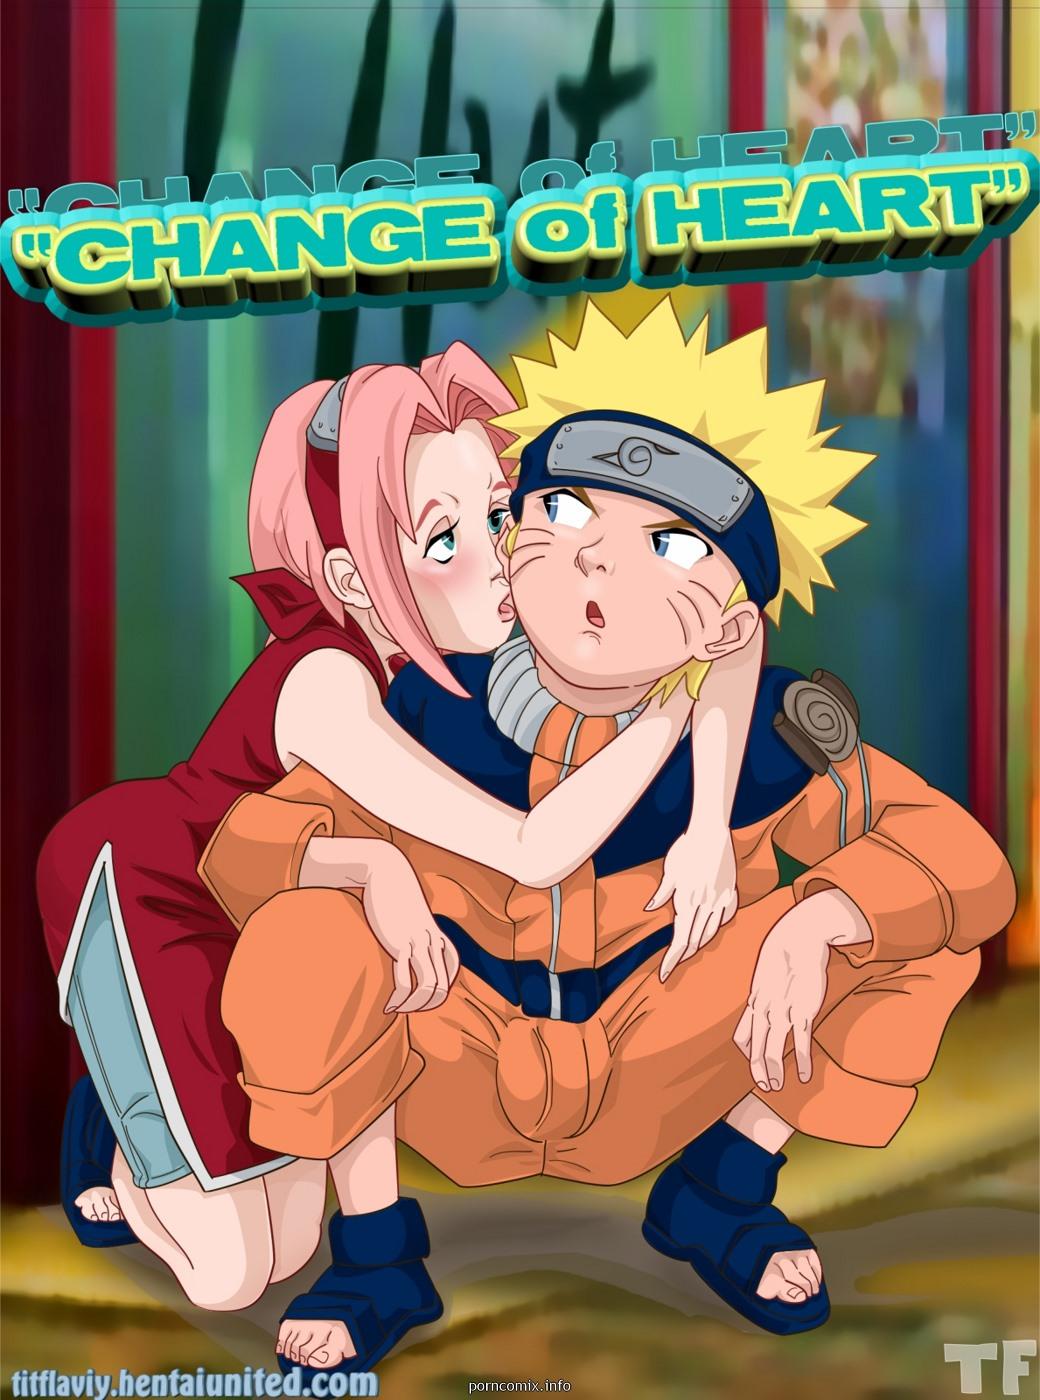 Naruto Hentai Manga Porn naruto -change of heart 8muses hentai-manga - 8 muses sex comics